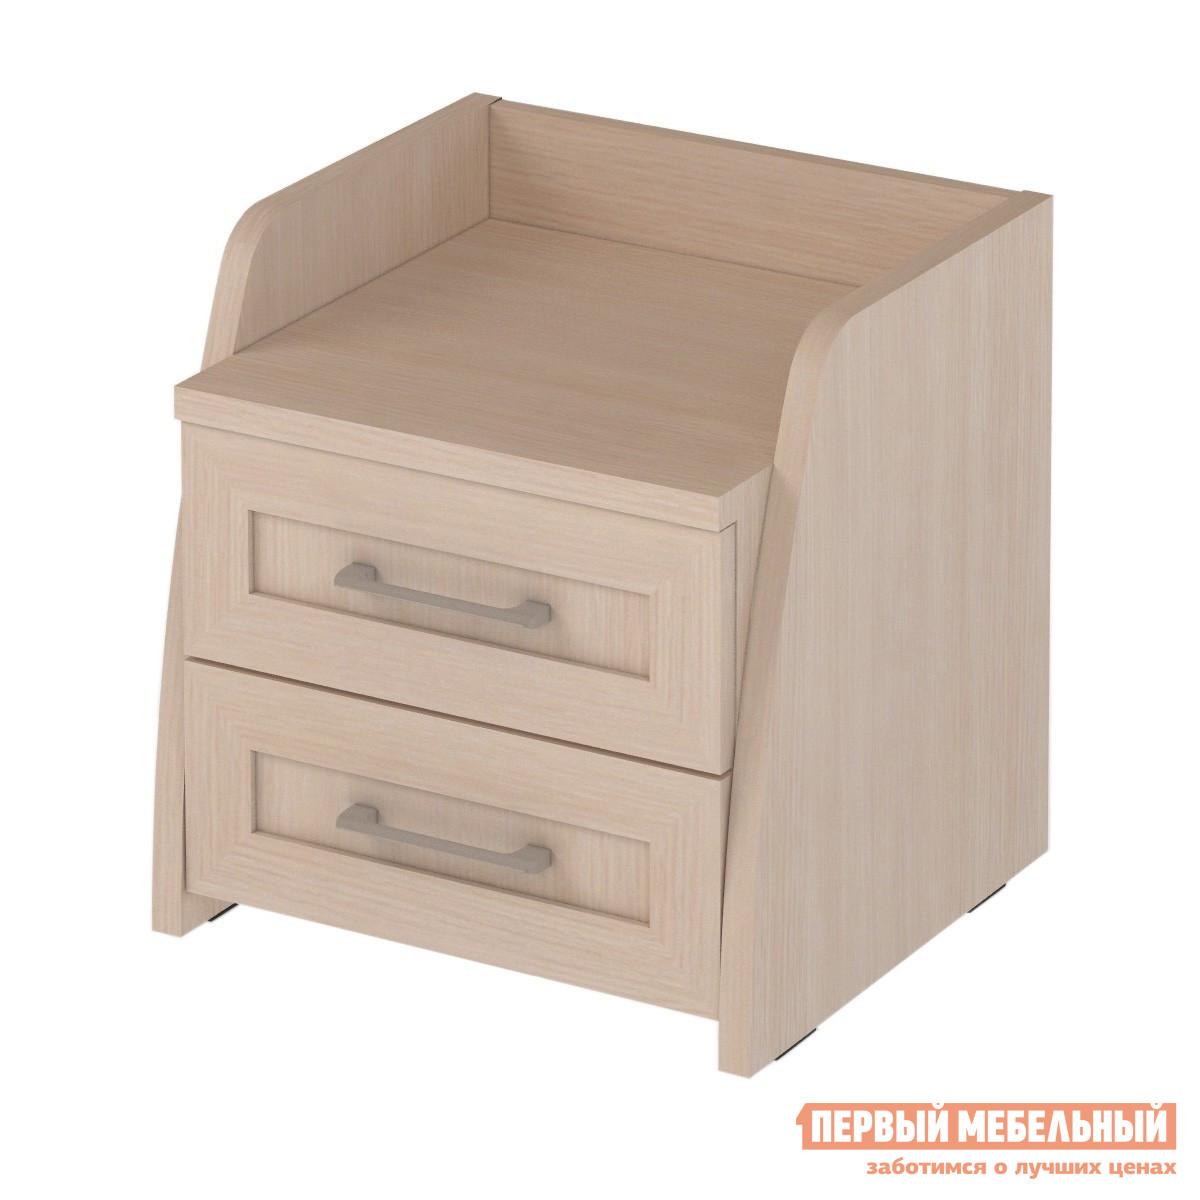 Прикроватная тумбочка ВасКо Соло 032-3103 письменный стол васко соло 021